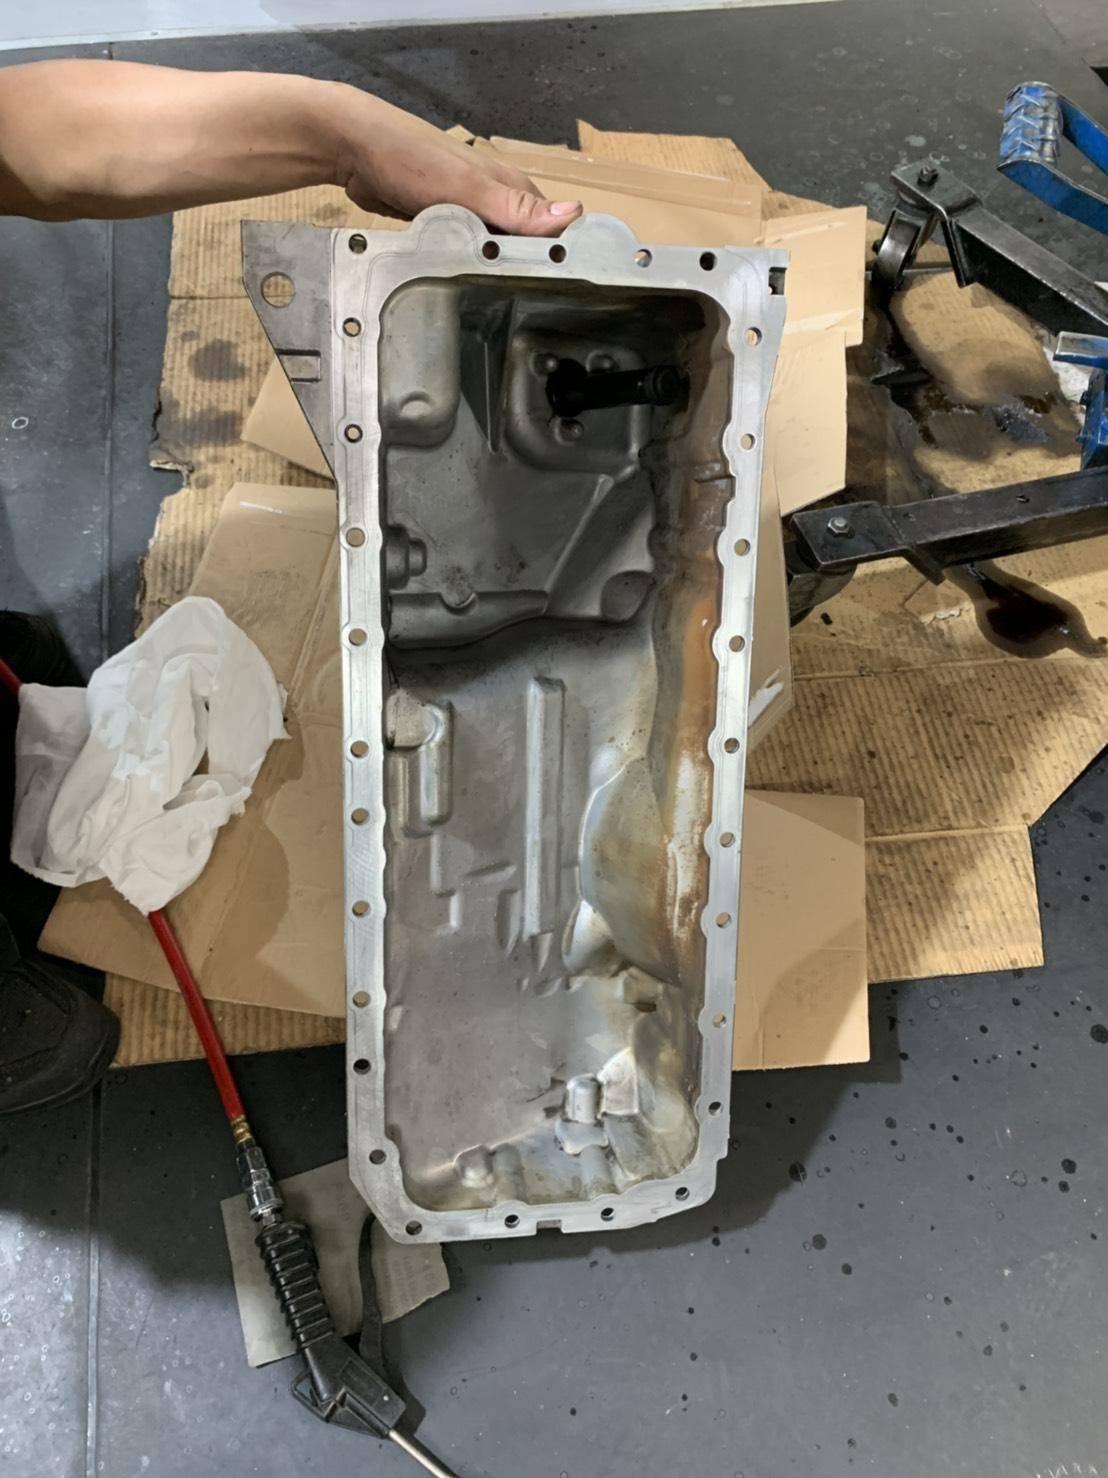 【振傑汽車】寶馬BMW 335i 底盤漏油#儀錶板亮#BWM維修推薦